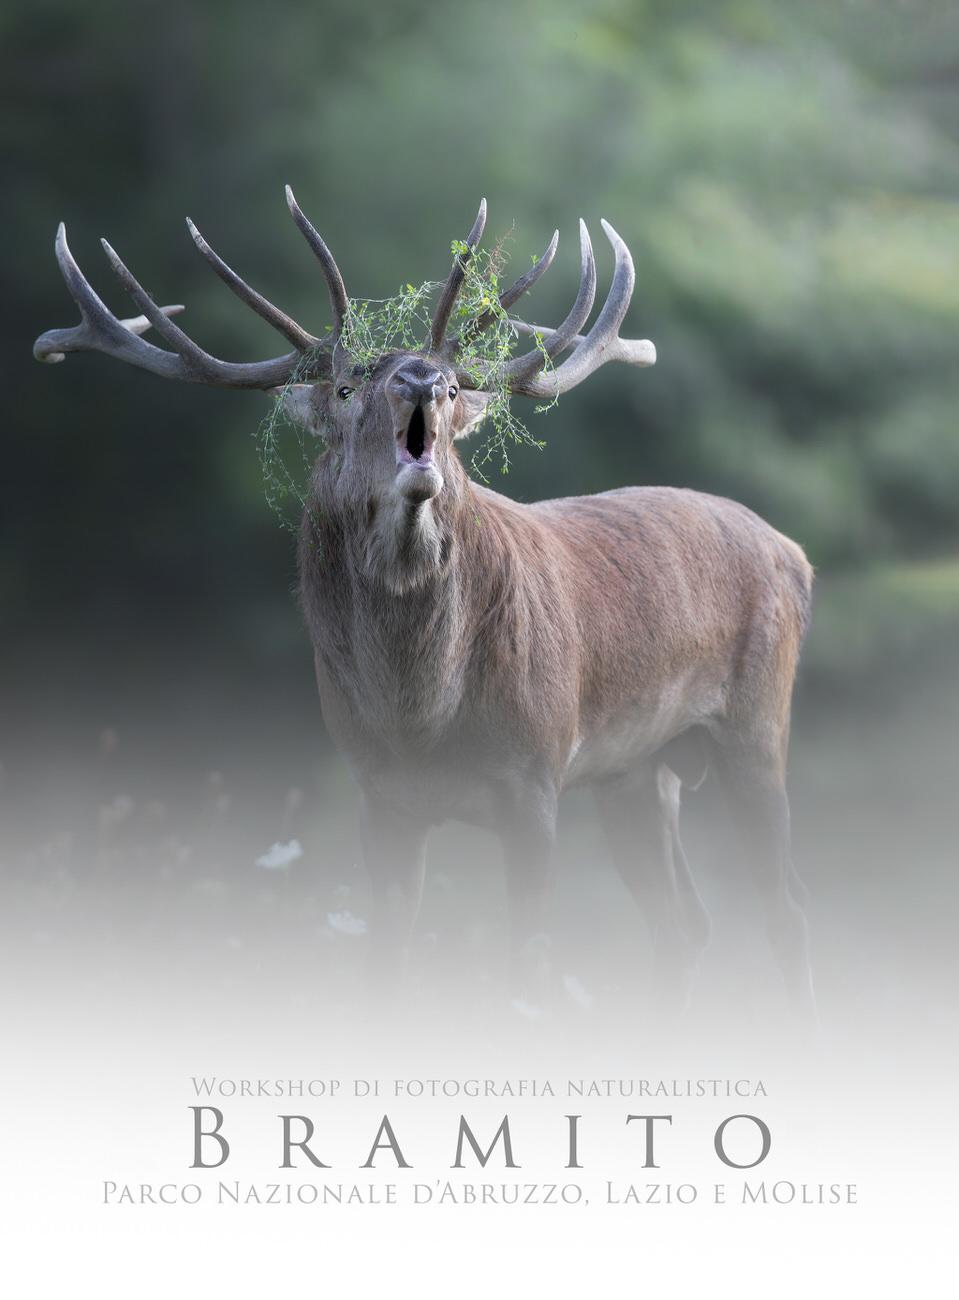 workshop di fotografia naturalistica parco nazionale d'abruzzo bramito - Michele Bavassano